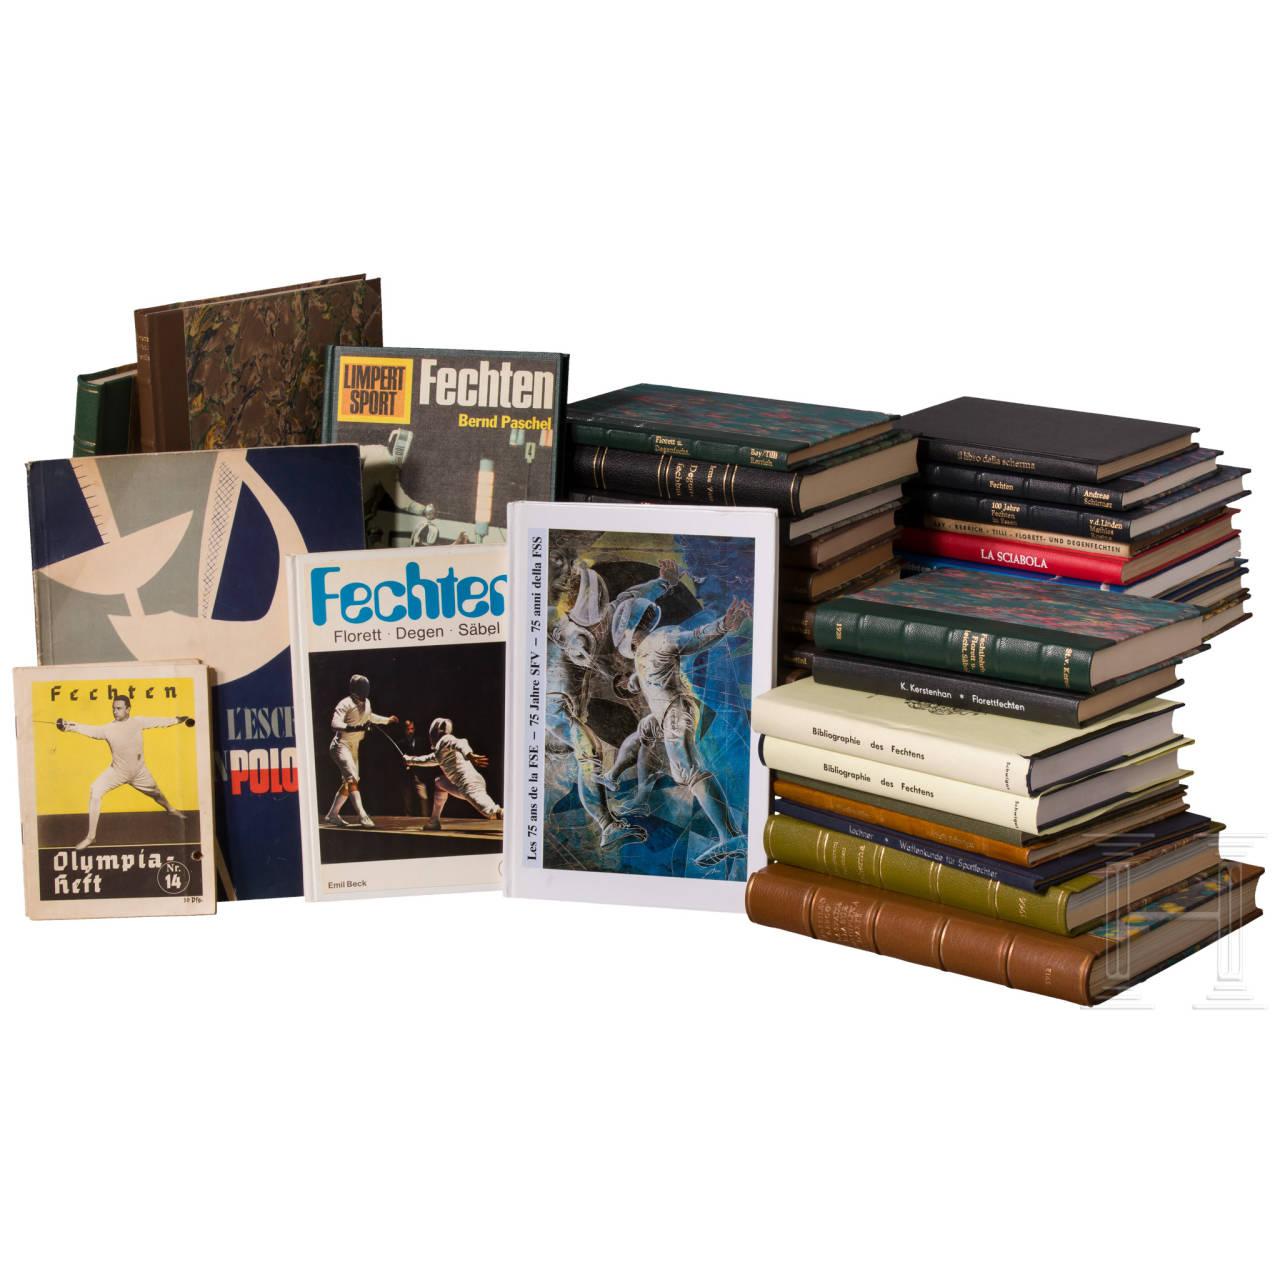 Ca. 40 Bände deutscher und internationaler Fechtliteratur